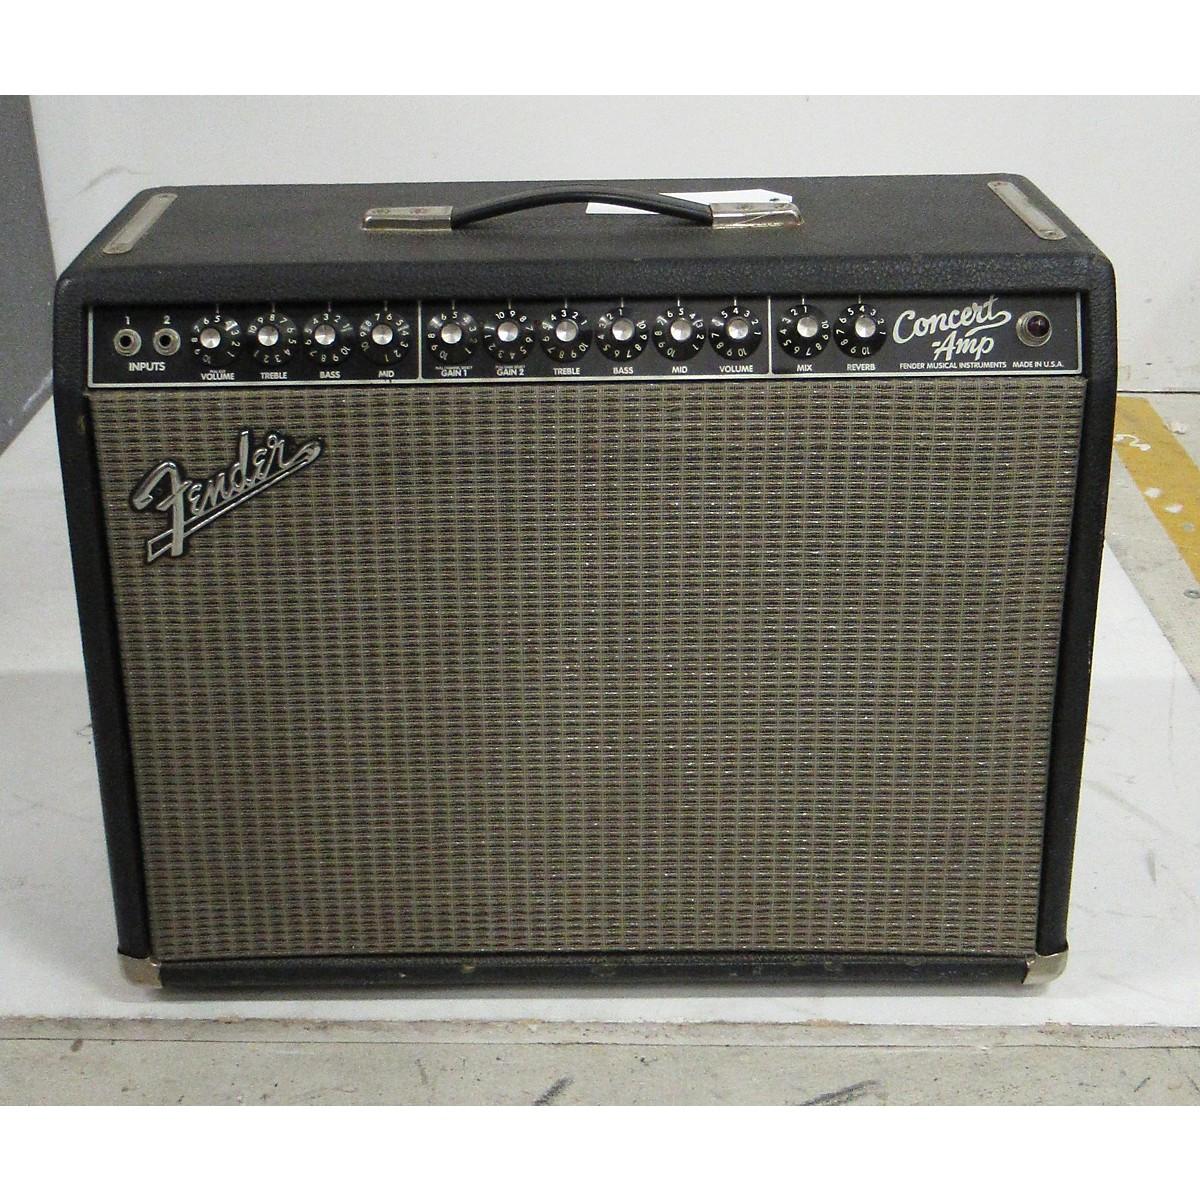 Fender 1980s Concert Amp Tube Guitar Combo Amp